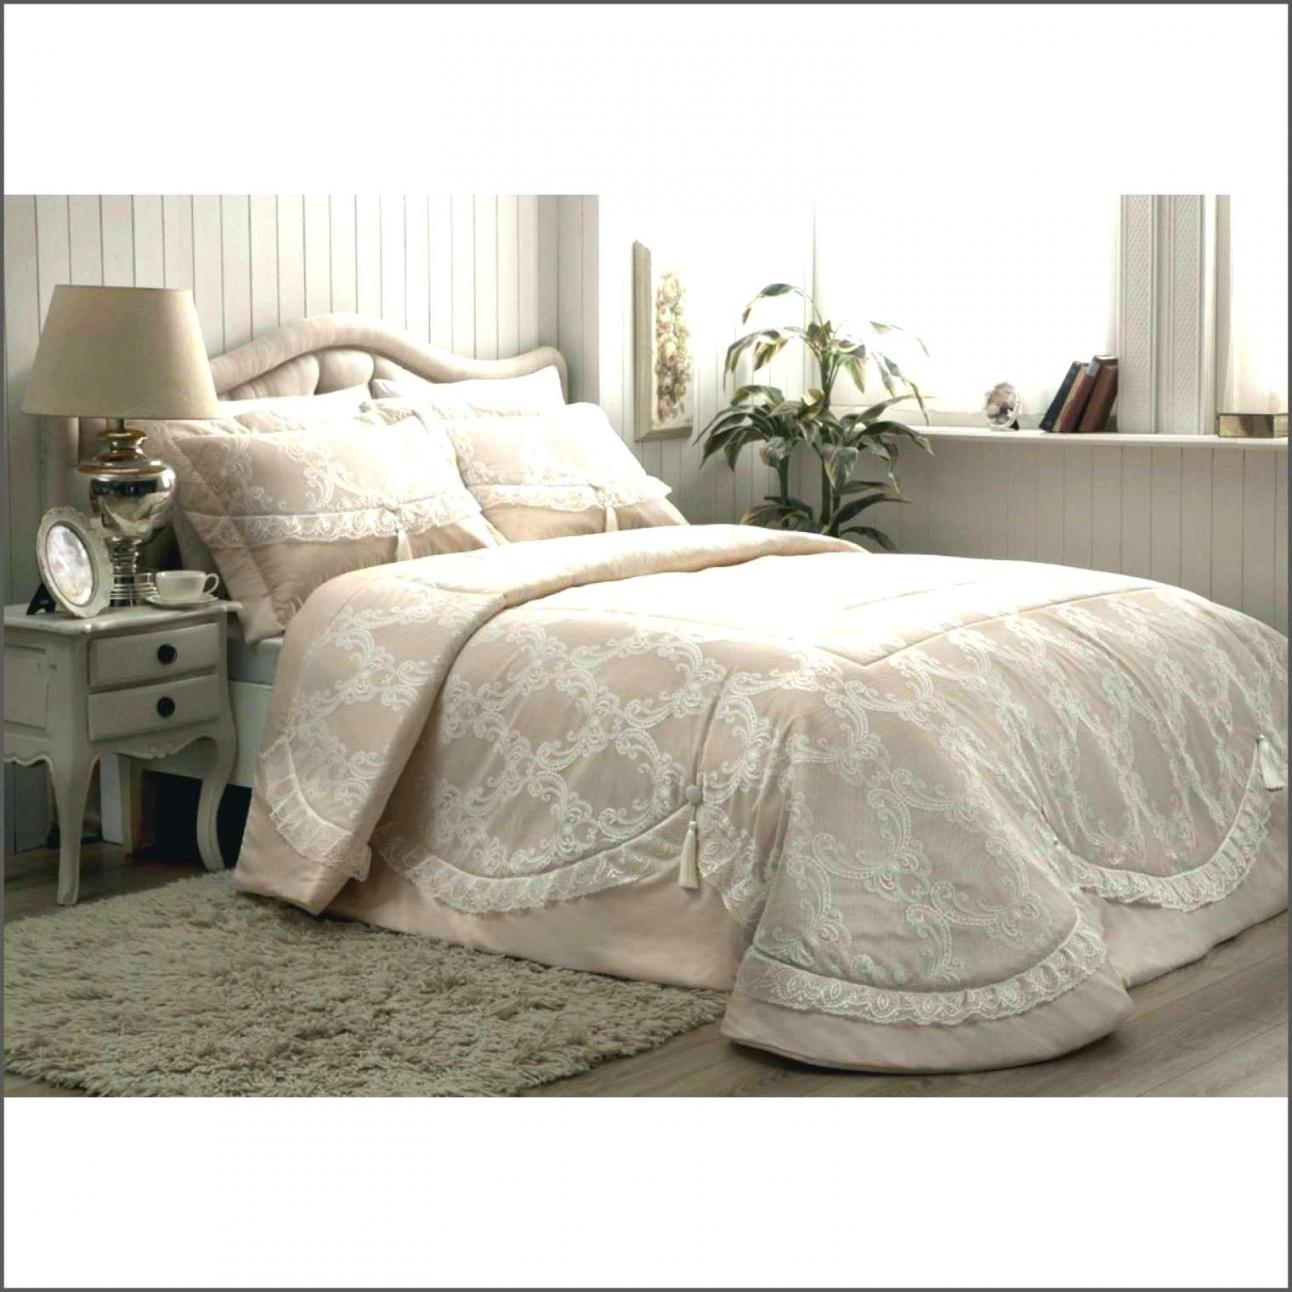 Haus Möbel Tagesdecke Bett 180X200 Fur Einzigartig Beste Ideen von Tagesdecke Für Bett 180X200 Photo